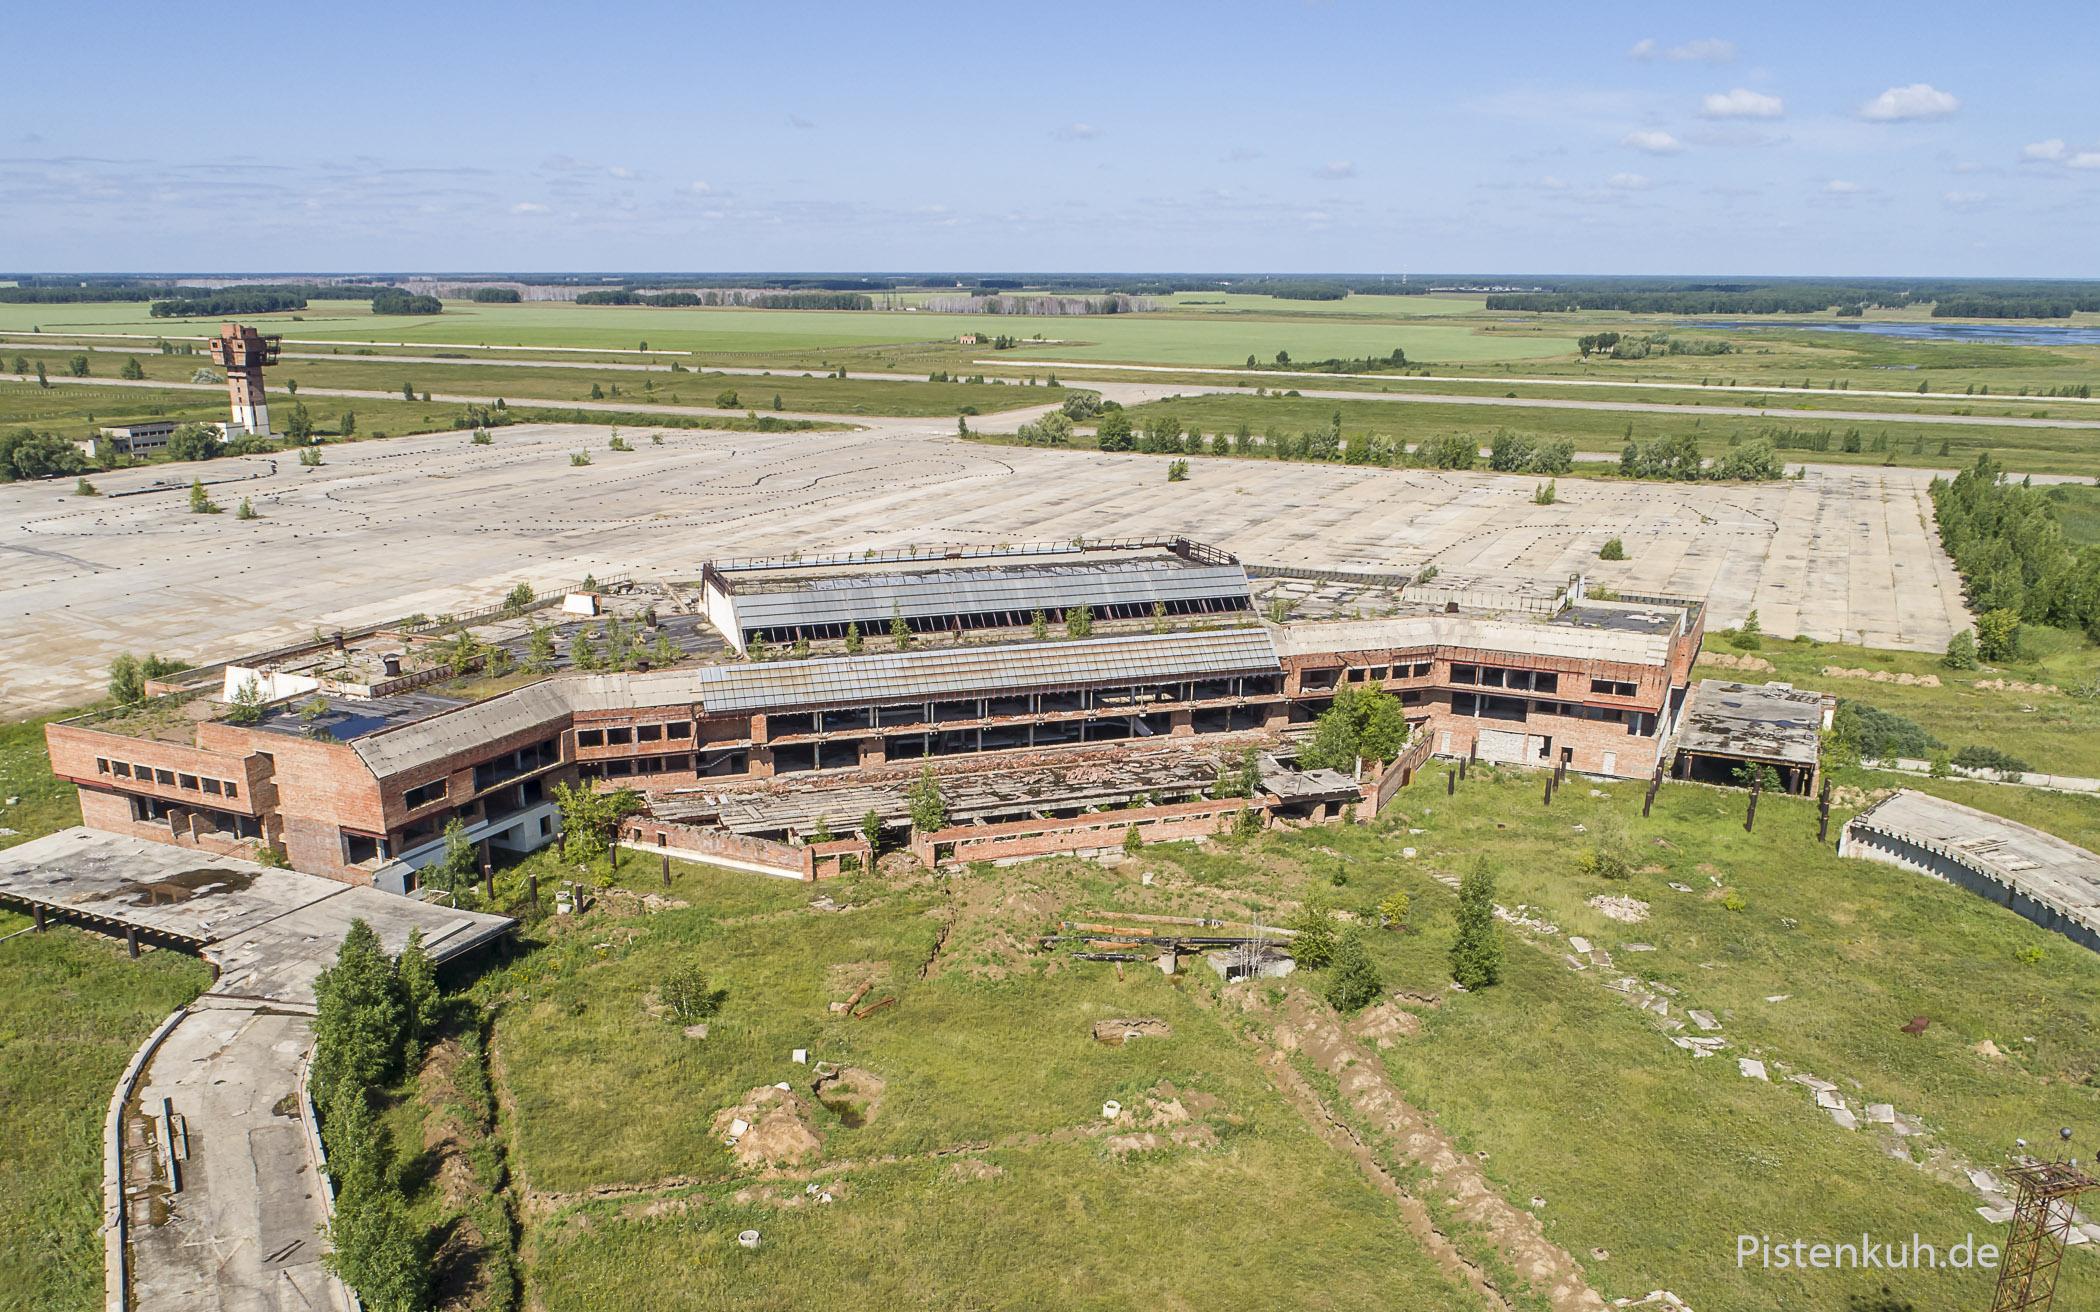 Das Abfertigungsgebäude des nie fertig gebauten Flughafens Fyodorovka.